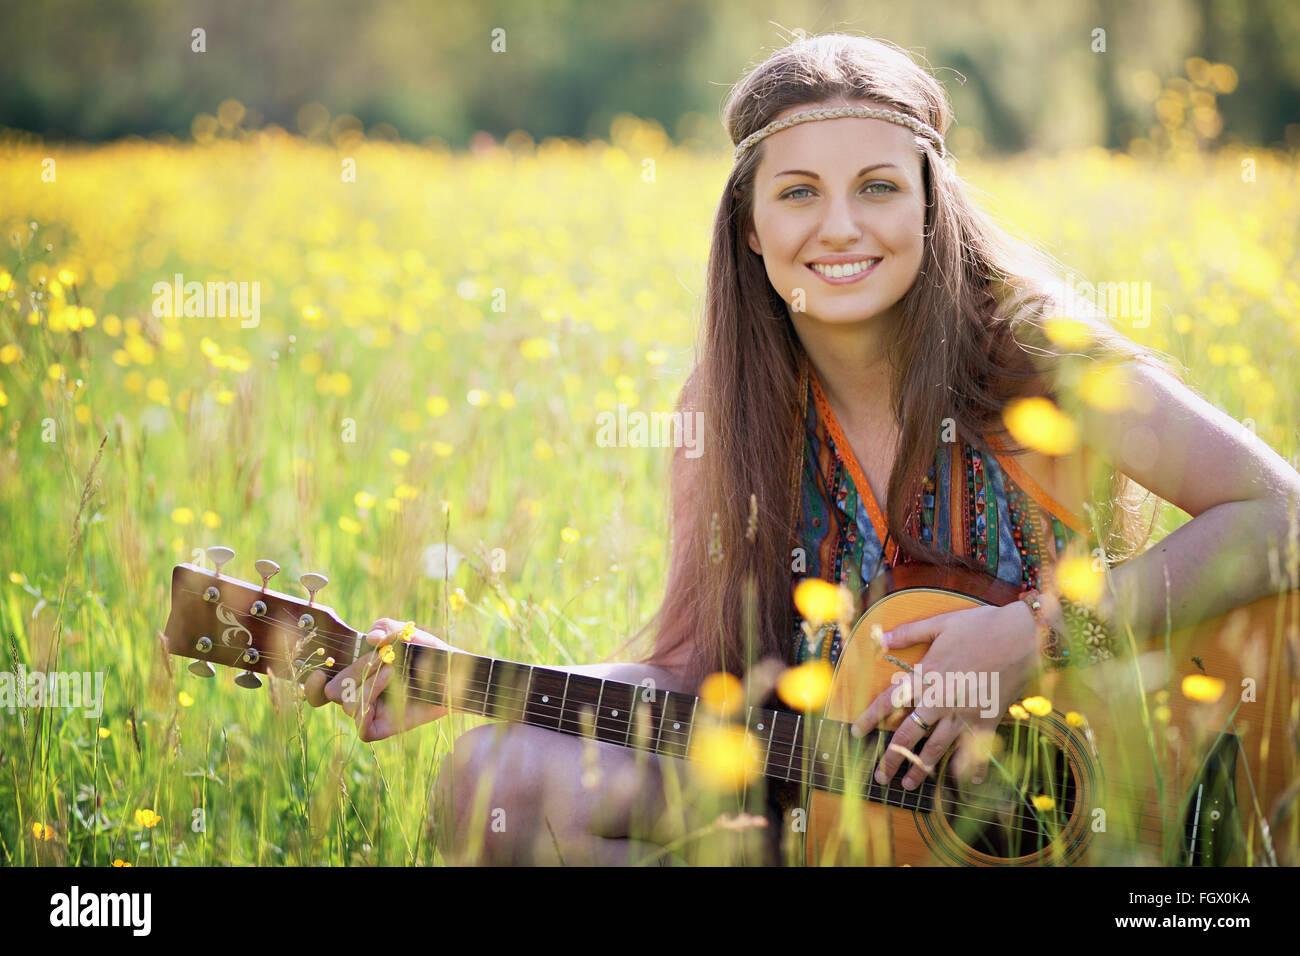 Feliz hippie mujer sonriendo. La libertad y la armonía Imagen De Stock